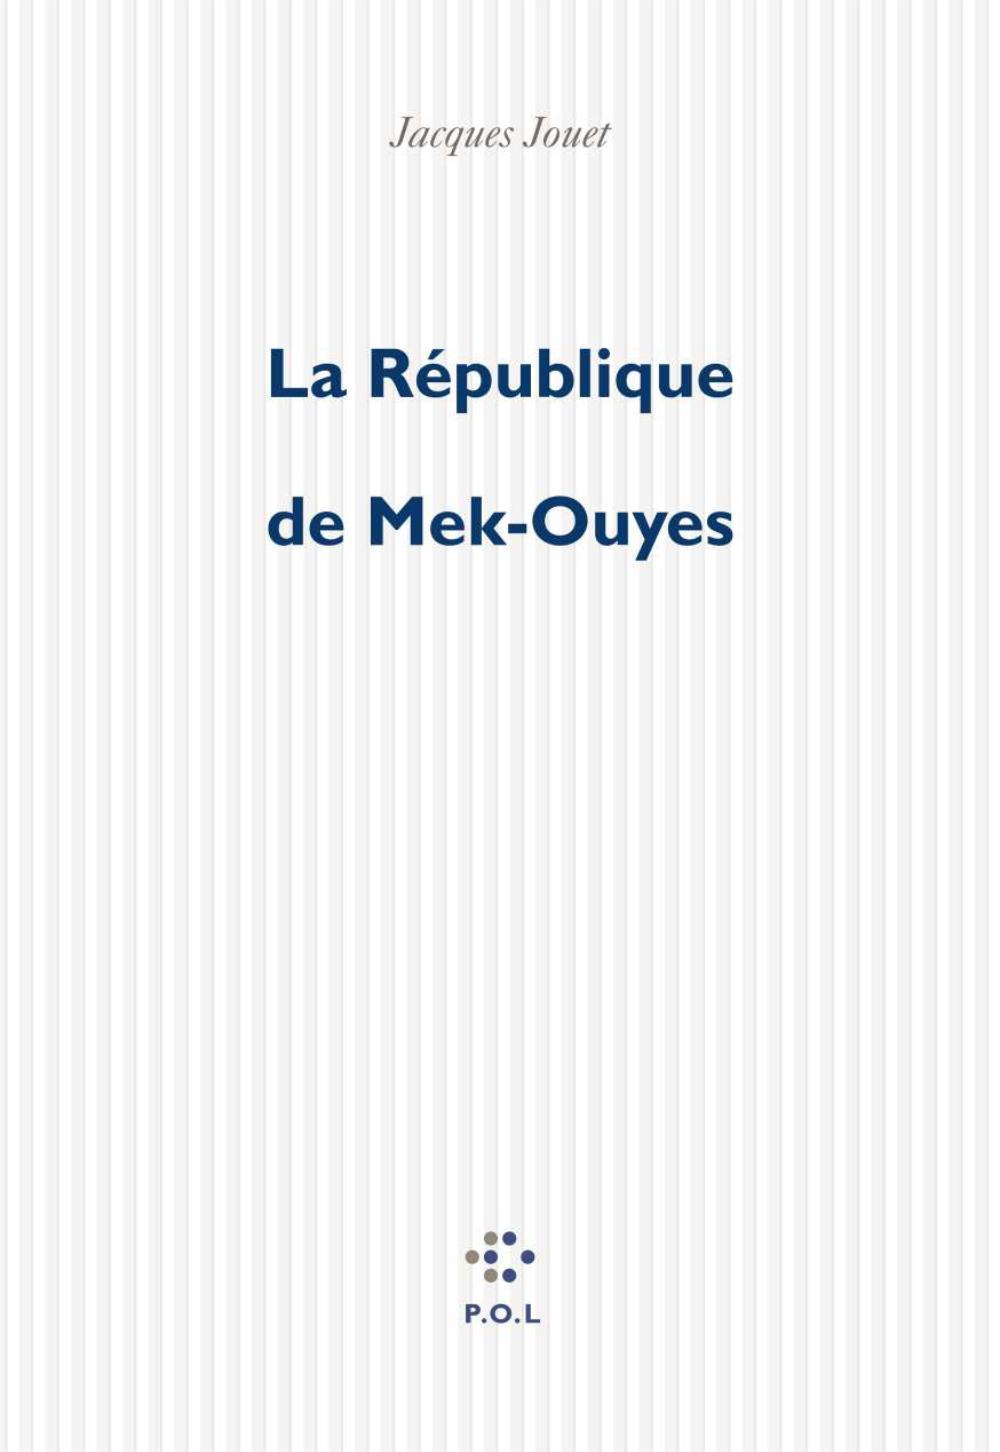 La République de Mek-Ouyes